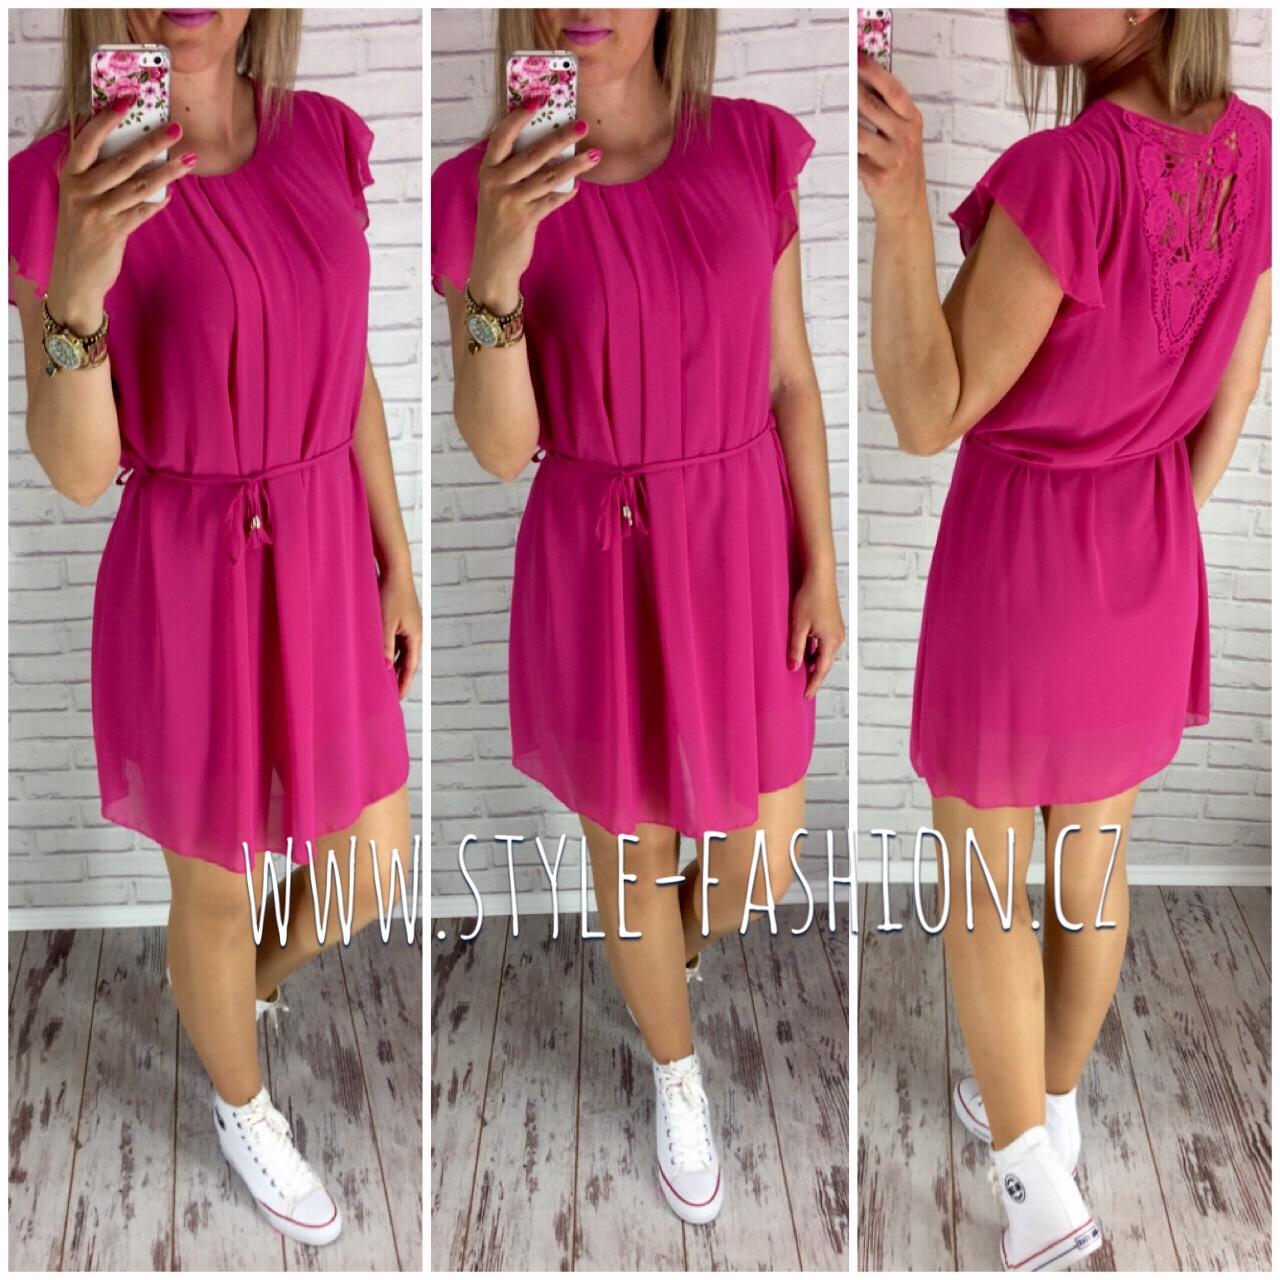 Šifonové šaty s krajkou na zádech fuchsia e37f7c2282